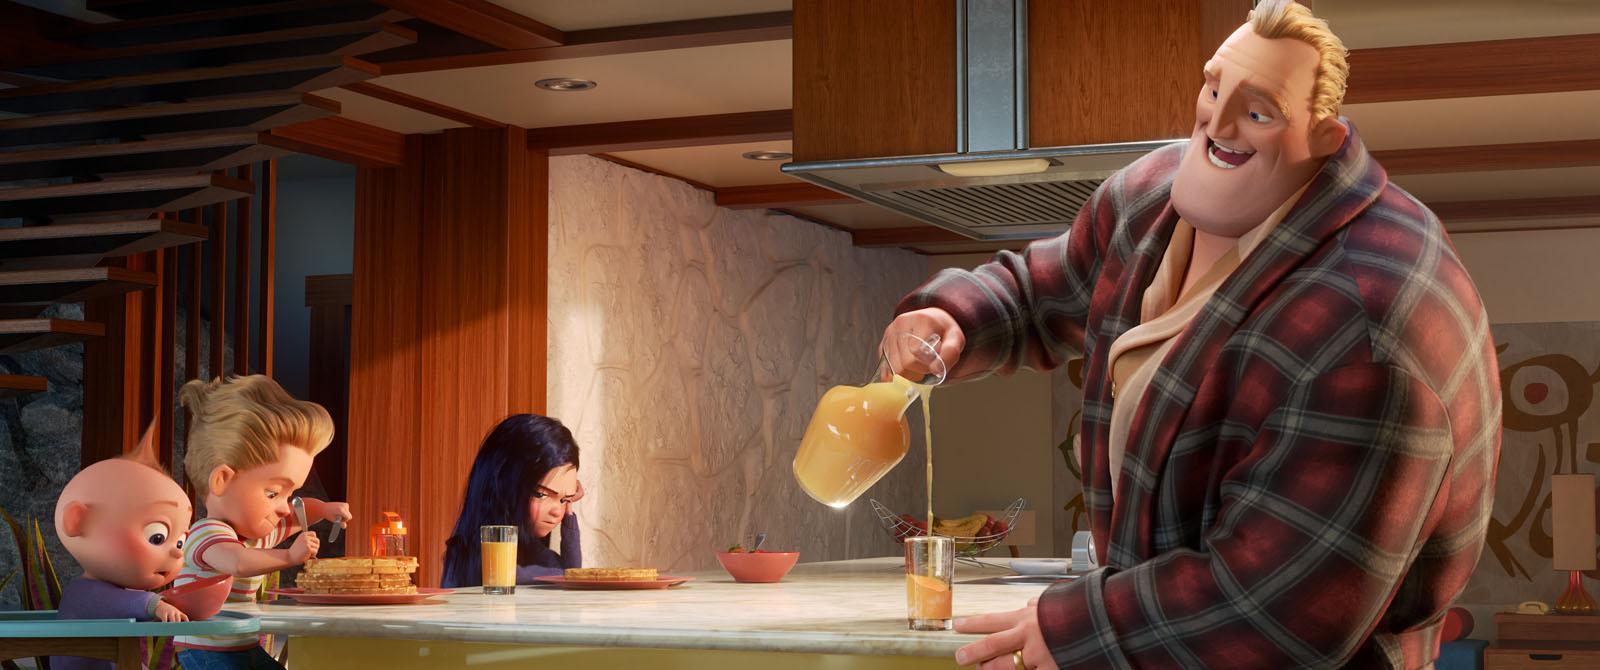 Image du film les Indestructibles 2